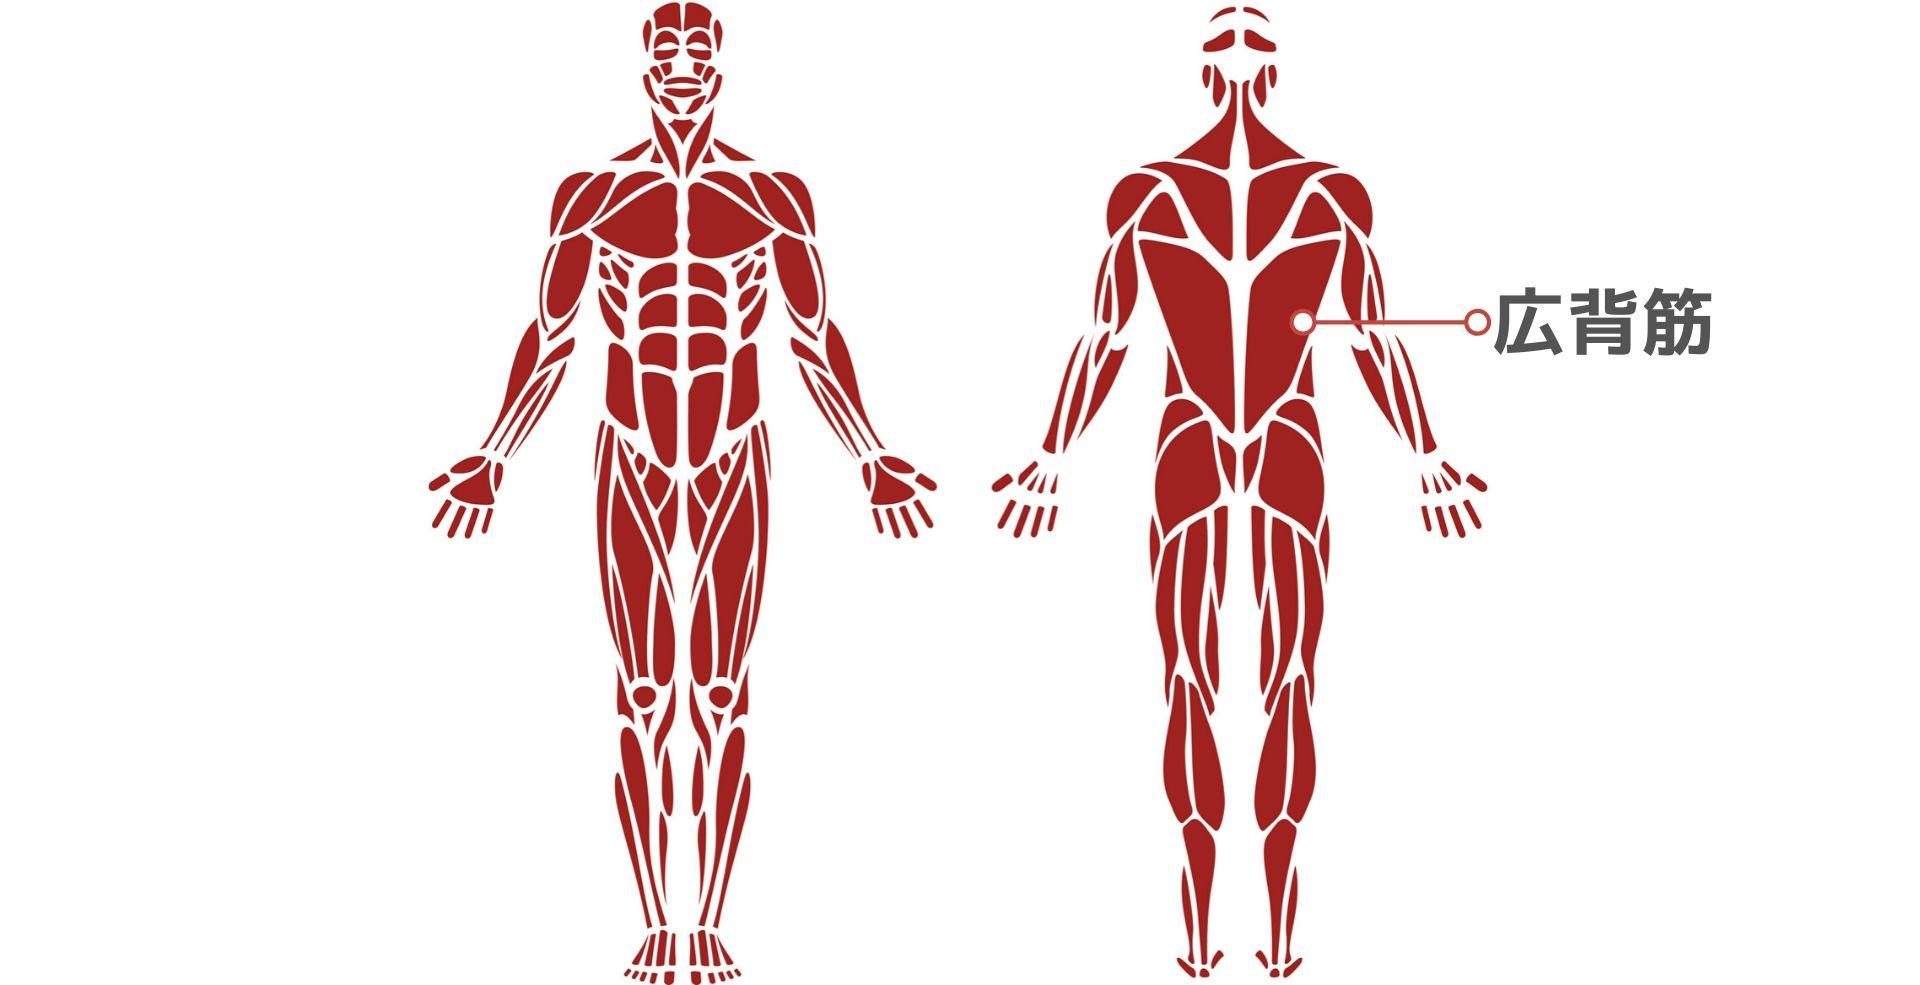 名前 背中 筋肉 【完全版】背中のトレーニングはこれをすればOK!背筋を鍛える筋トレ10選